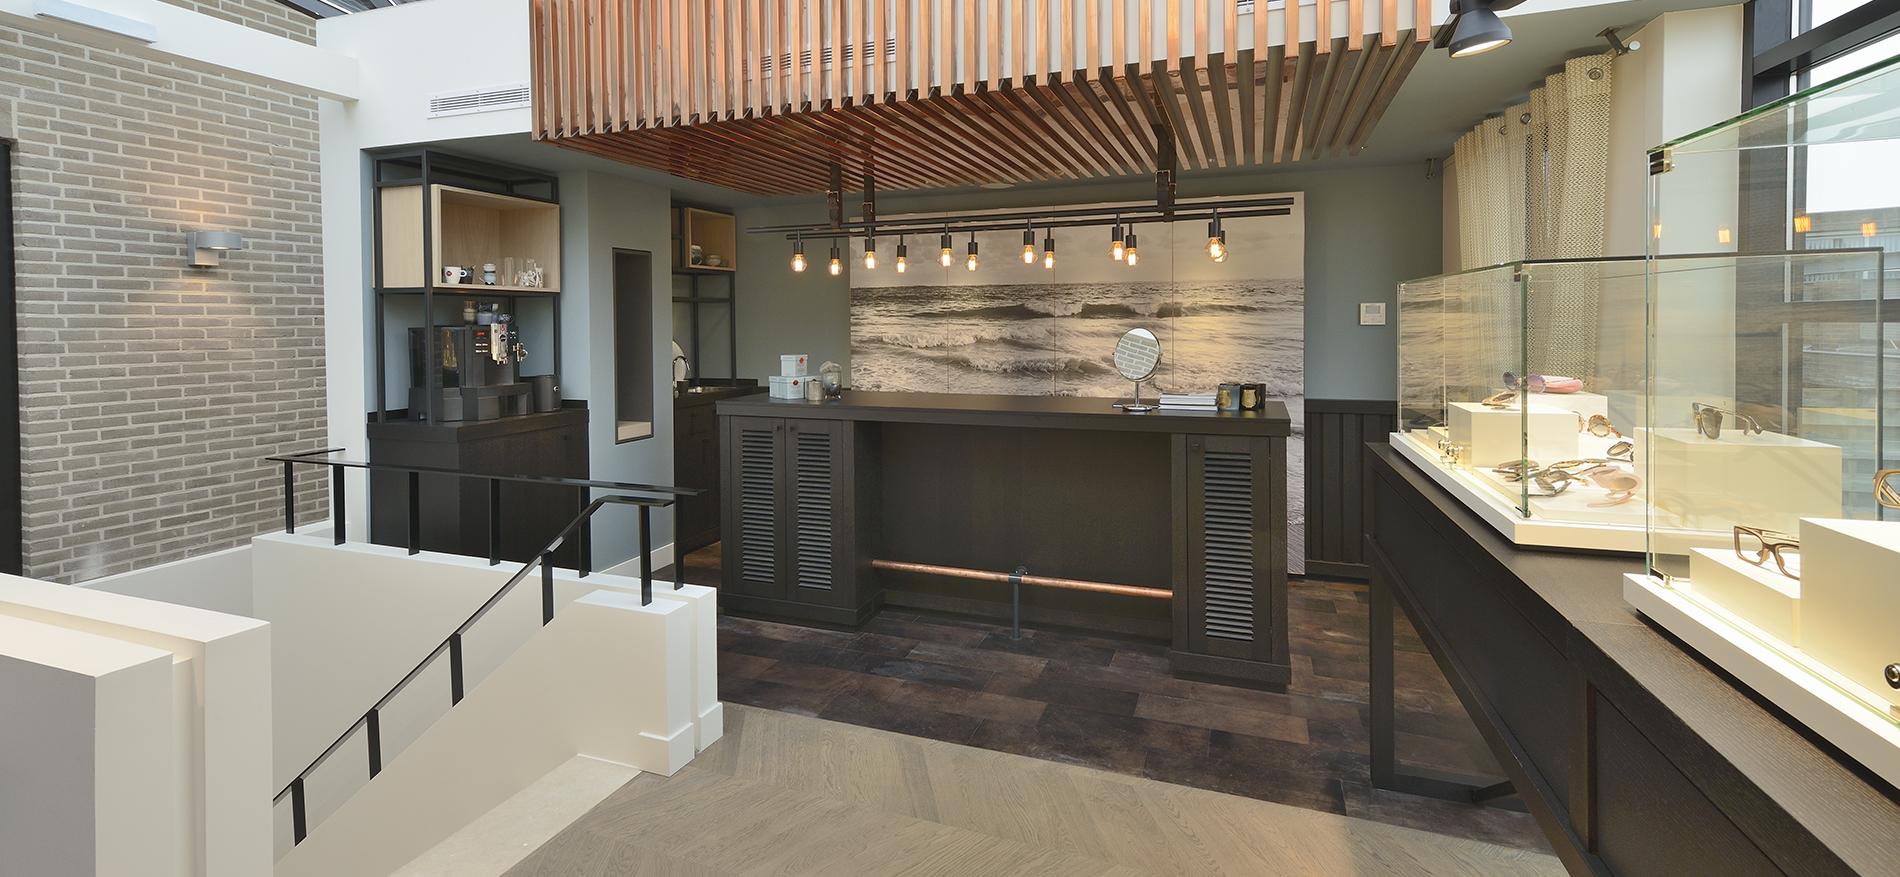 #80684B22392328  Meubel Maatwerk WSB Interieurbouw: Successful Dutch Retail Design Meest recente Design Outlet Meubels Roermond 2741 pic 19008772741 Ontwerp